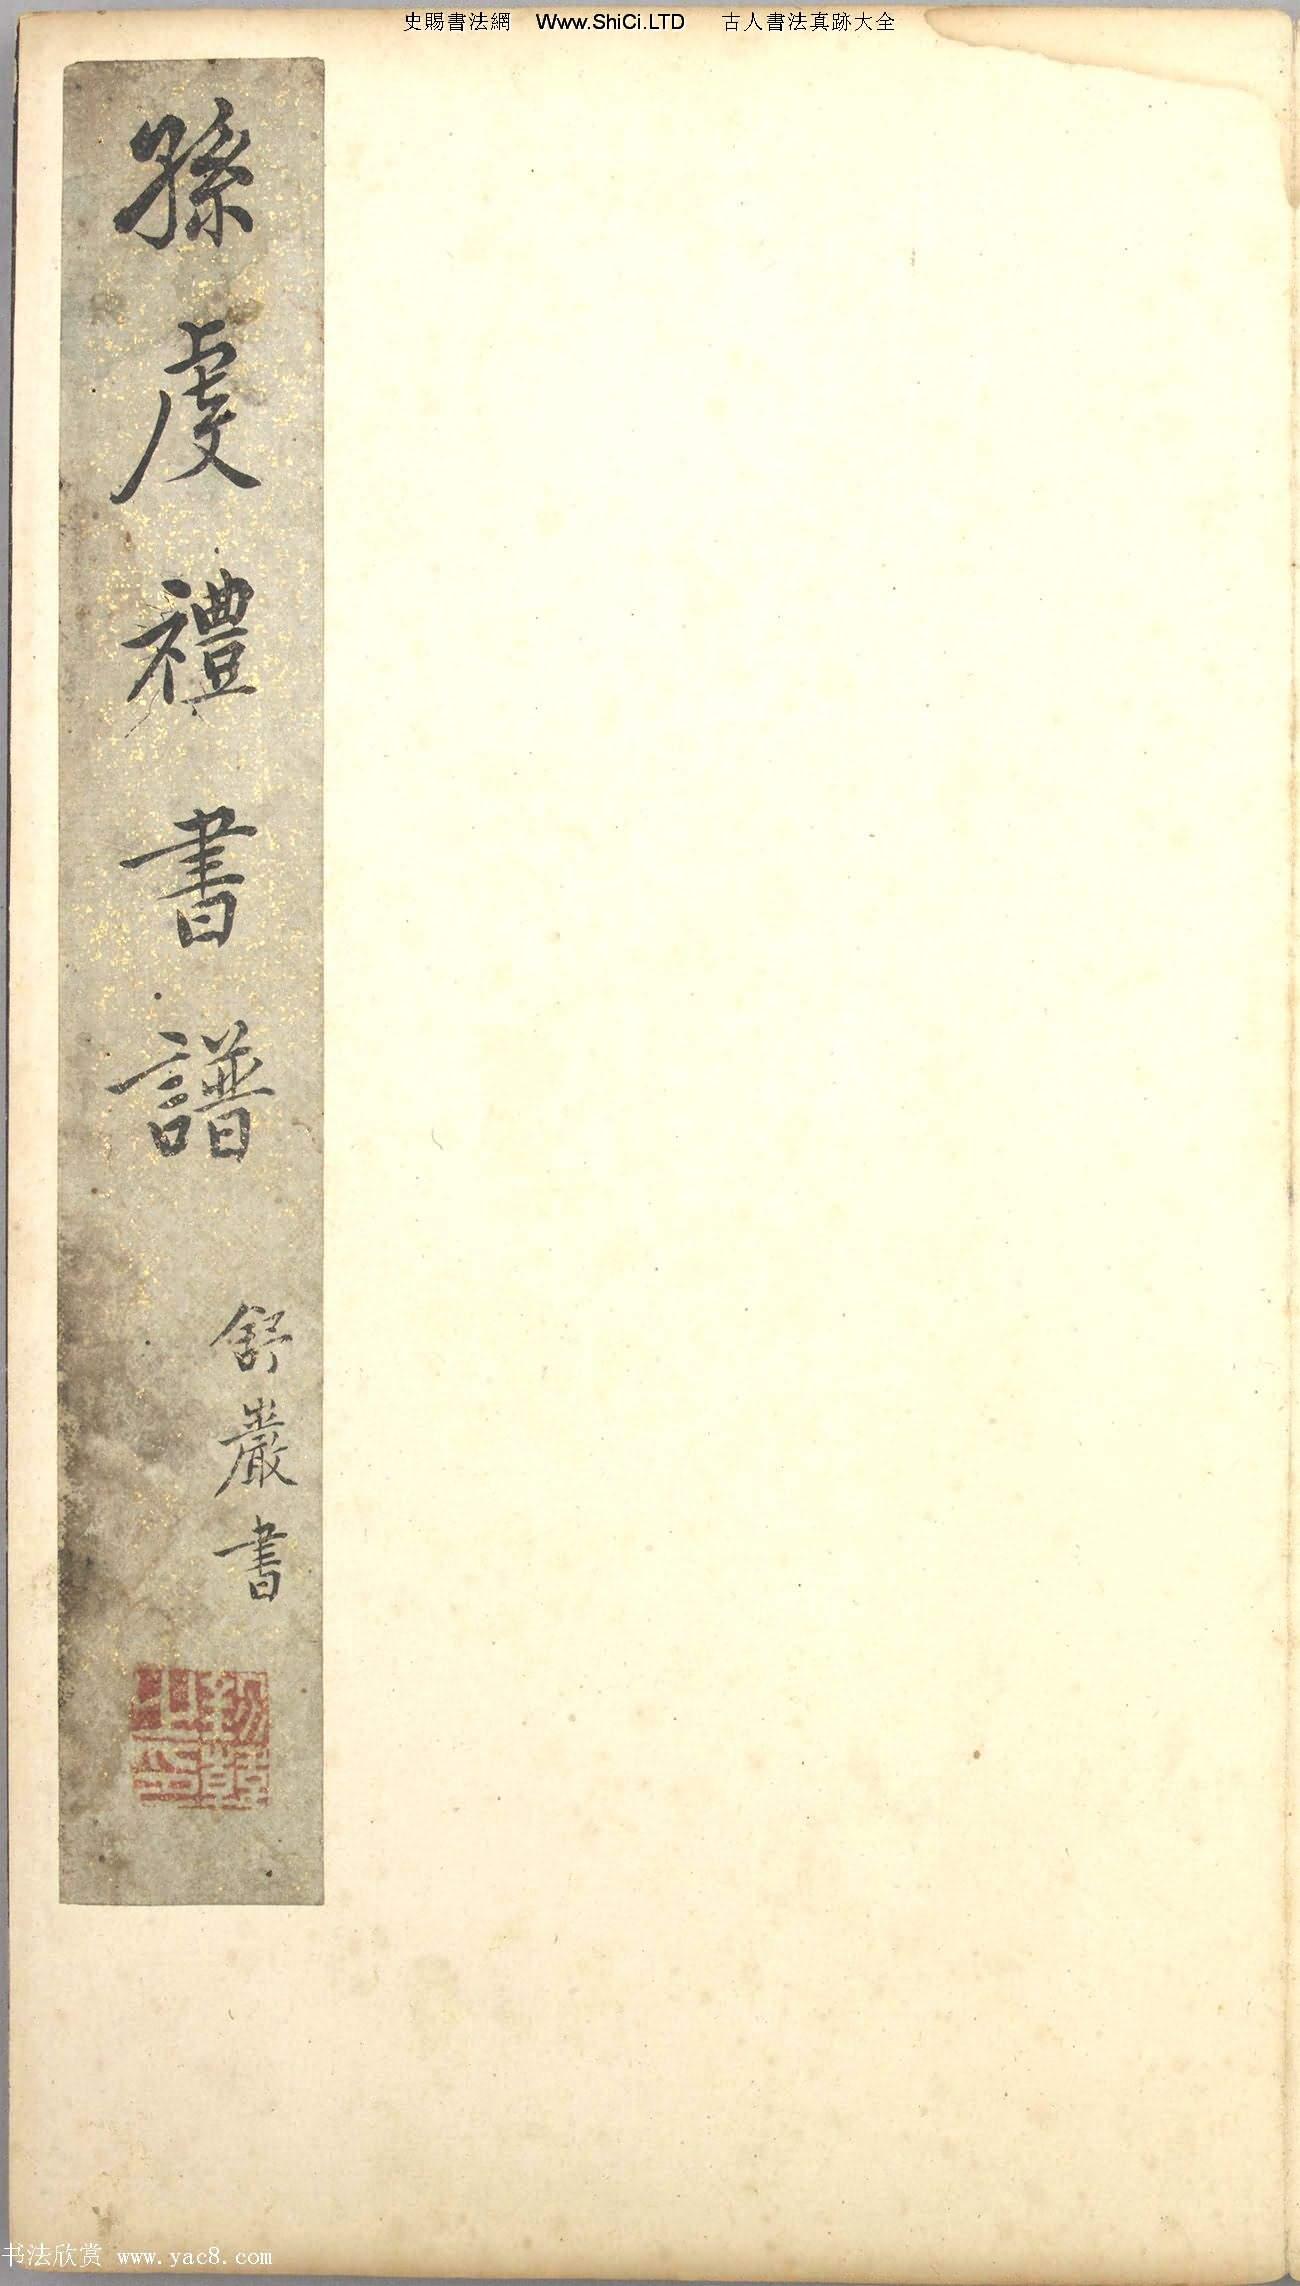 蔣錫韓硃筆釋文《孫過庭書譜》(共34張圖片)